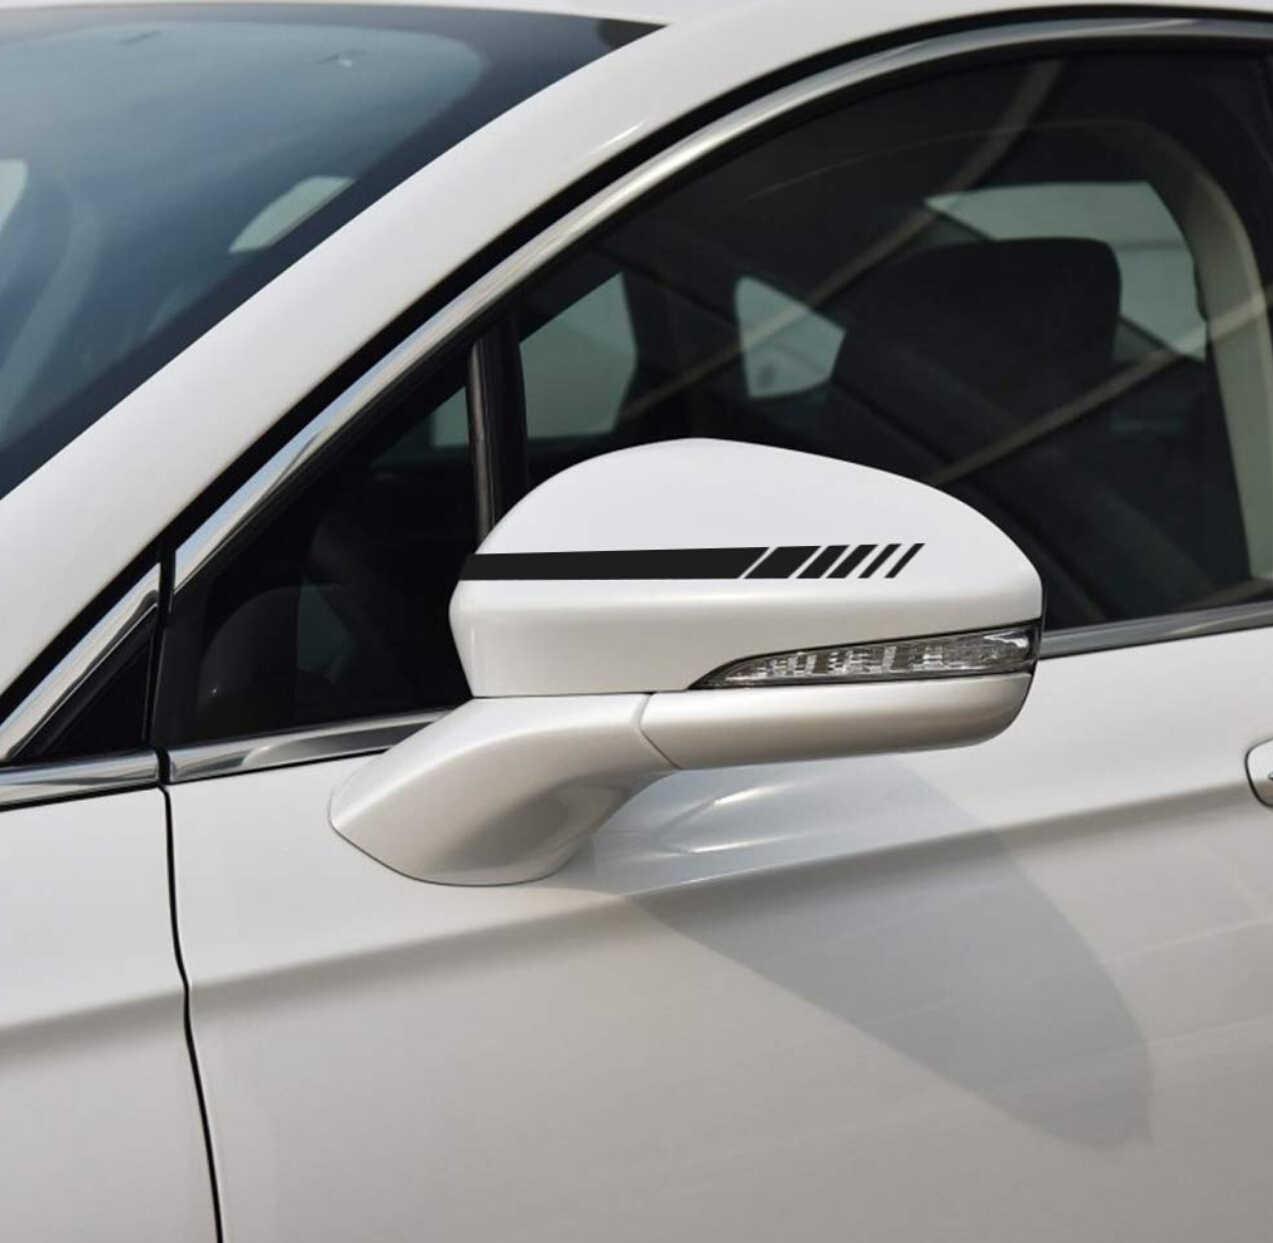 2 pcs Car Styling Auto Adesivo In Vinile per la suzuki sx4 mk7 chevrolet tesla modello 3 acura tsx vw golf 7 mk7 r kia optima k5